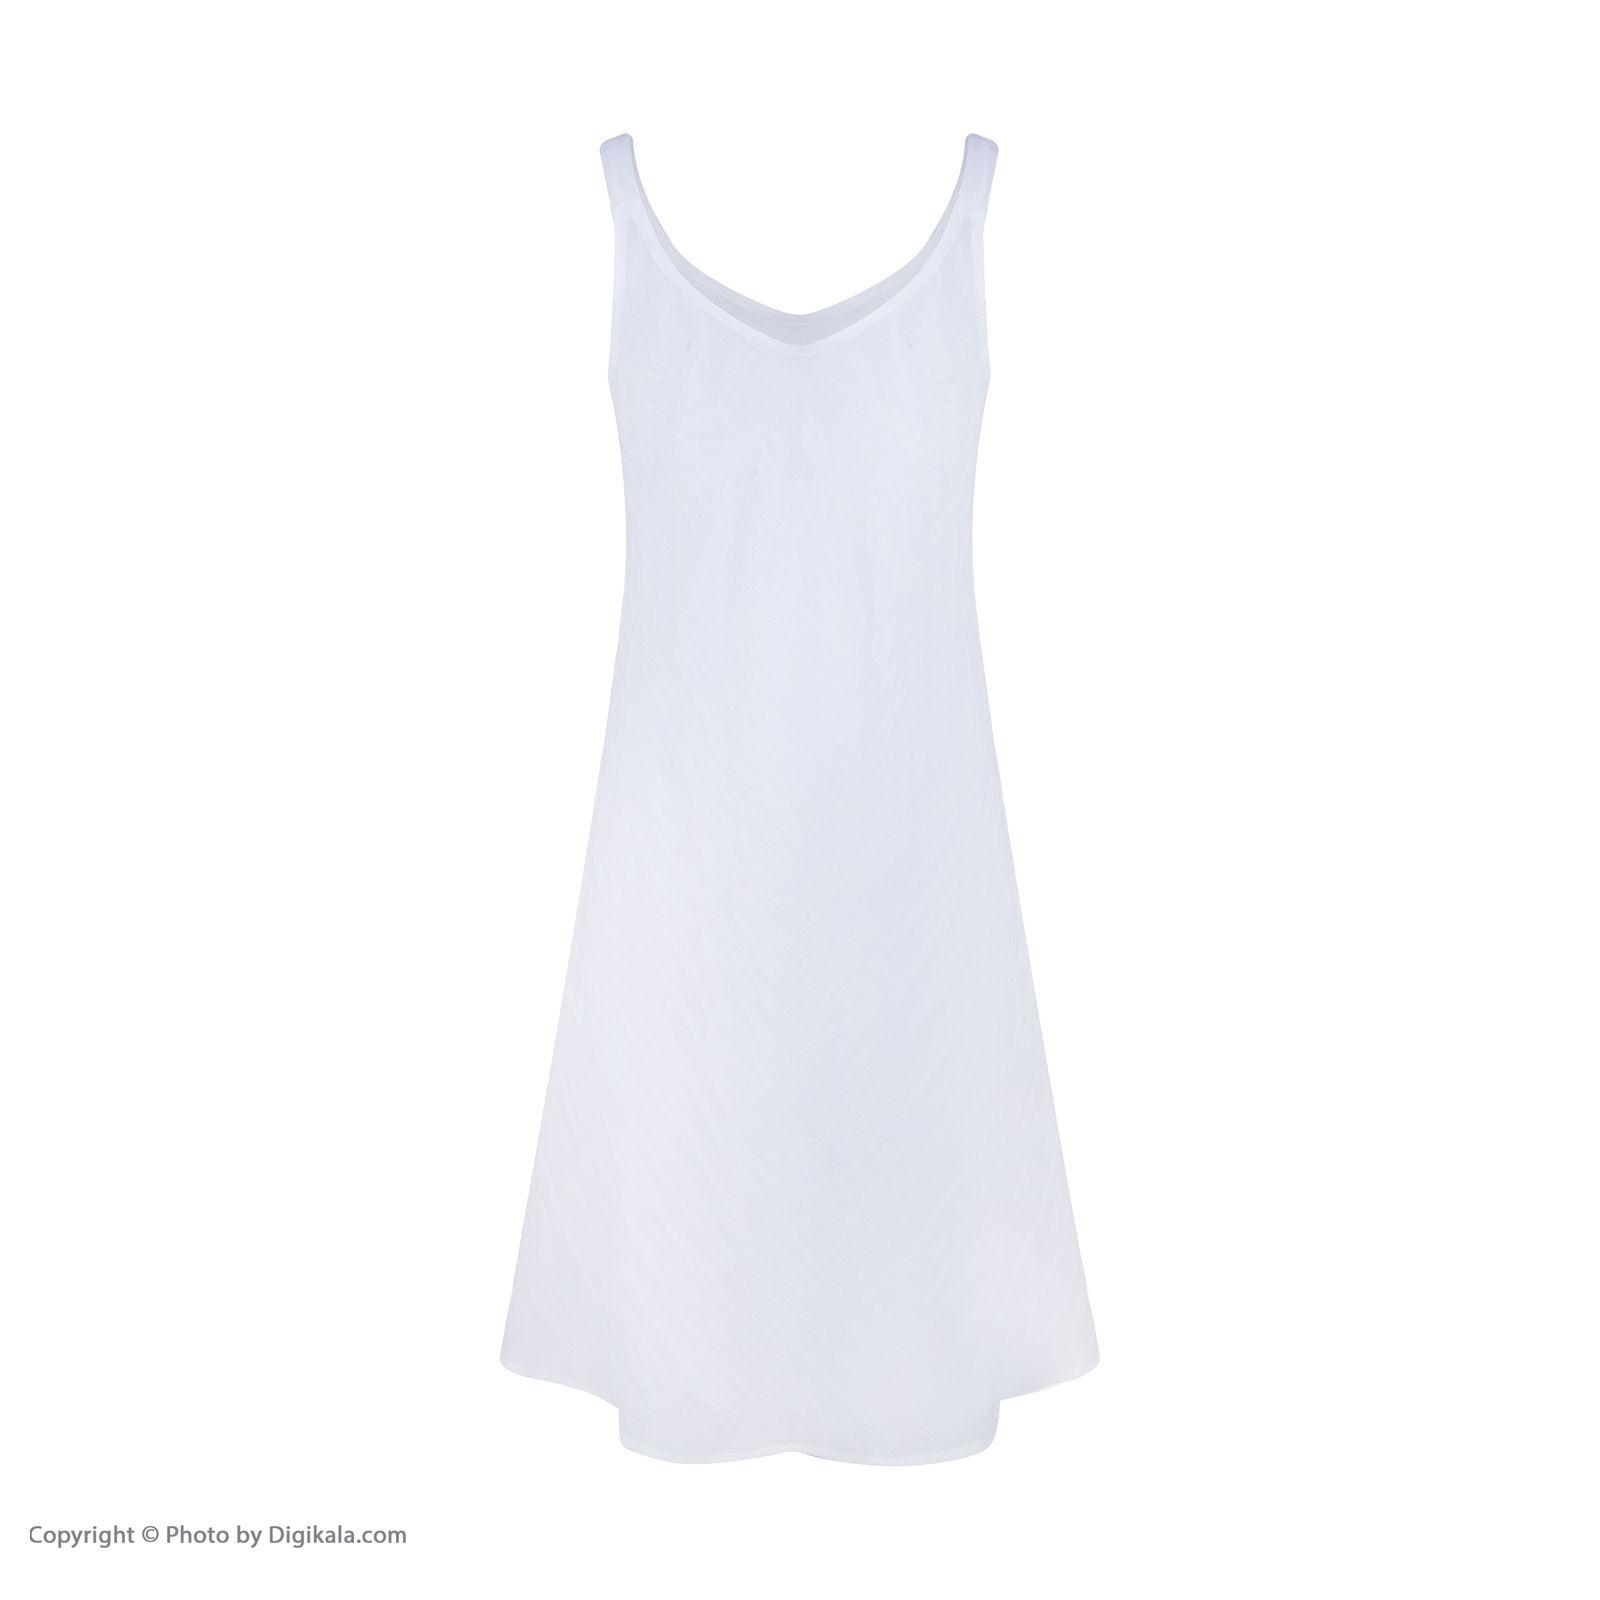 لباس خواب زنانه هیتو استایل مدل D28F366 -  - 3